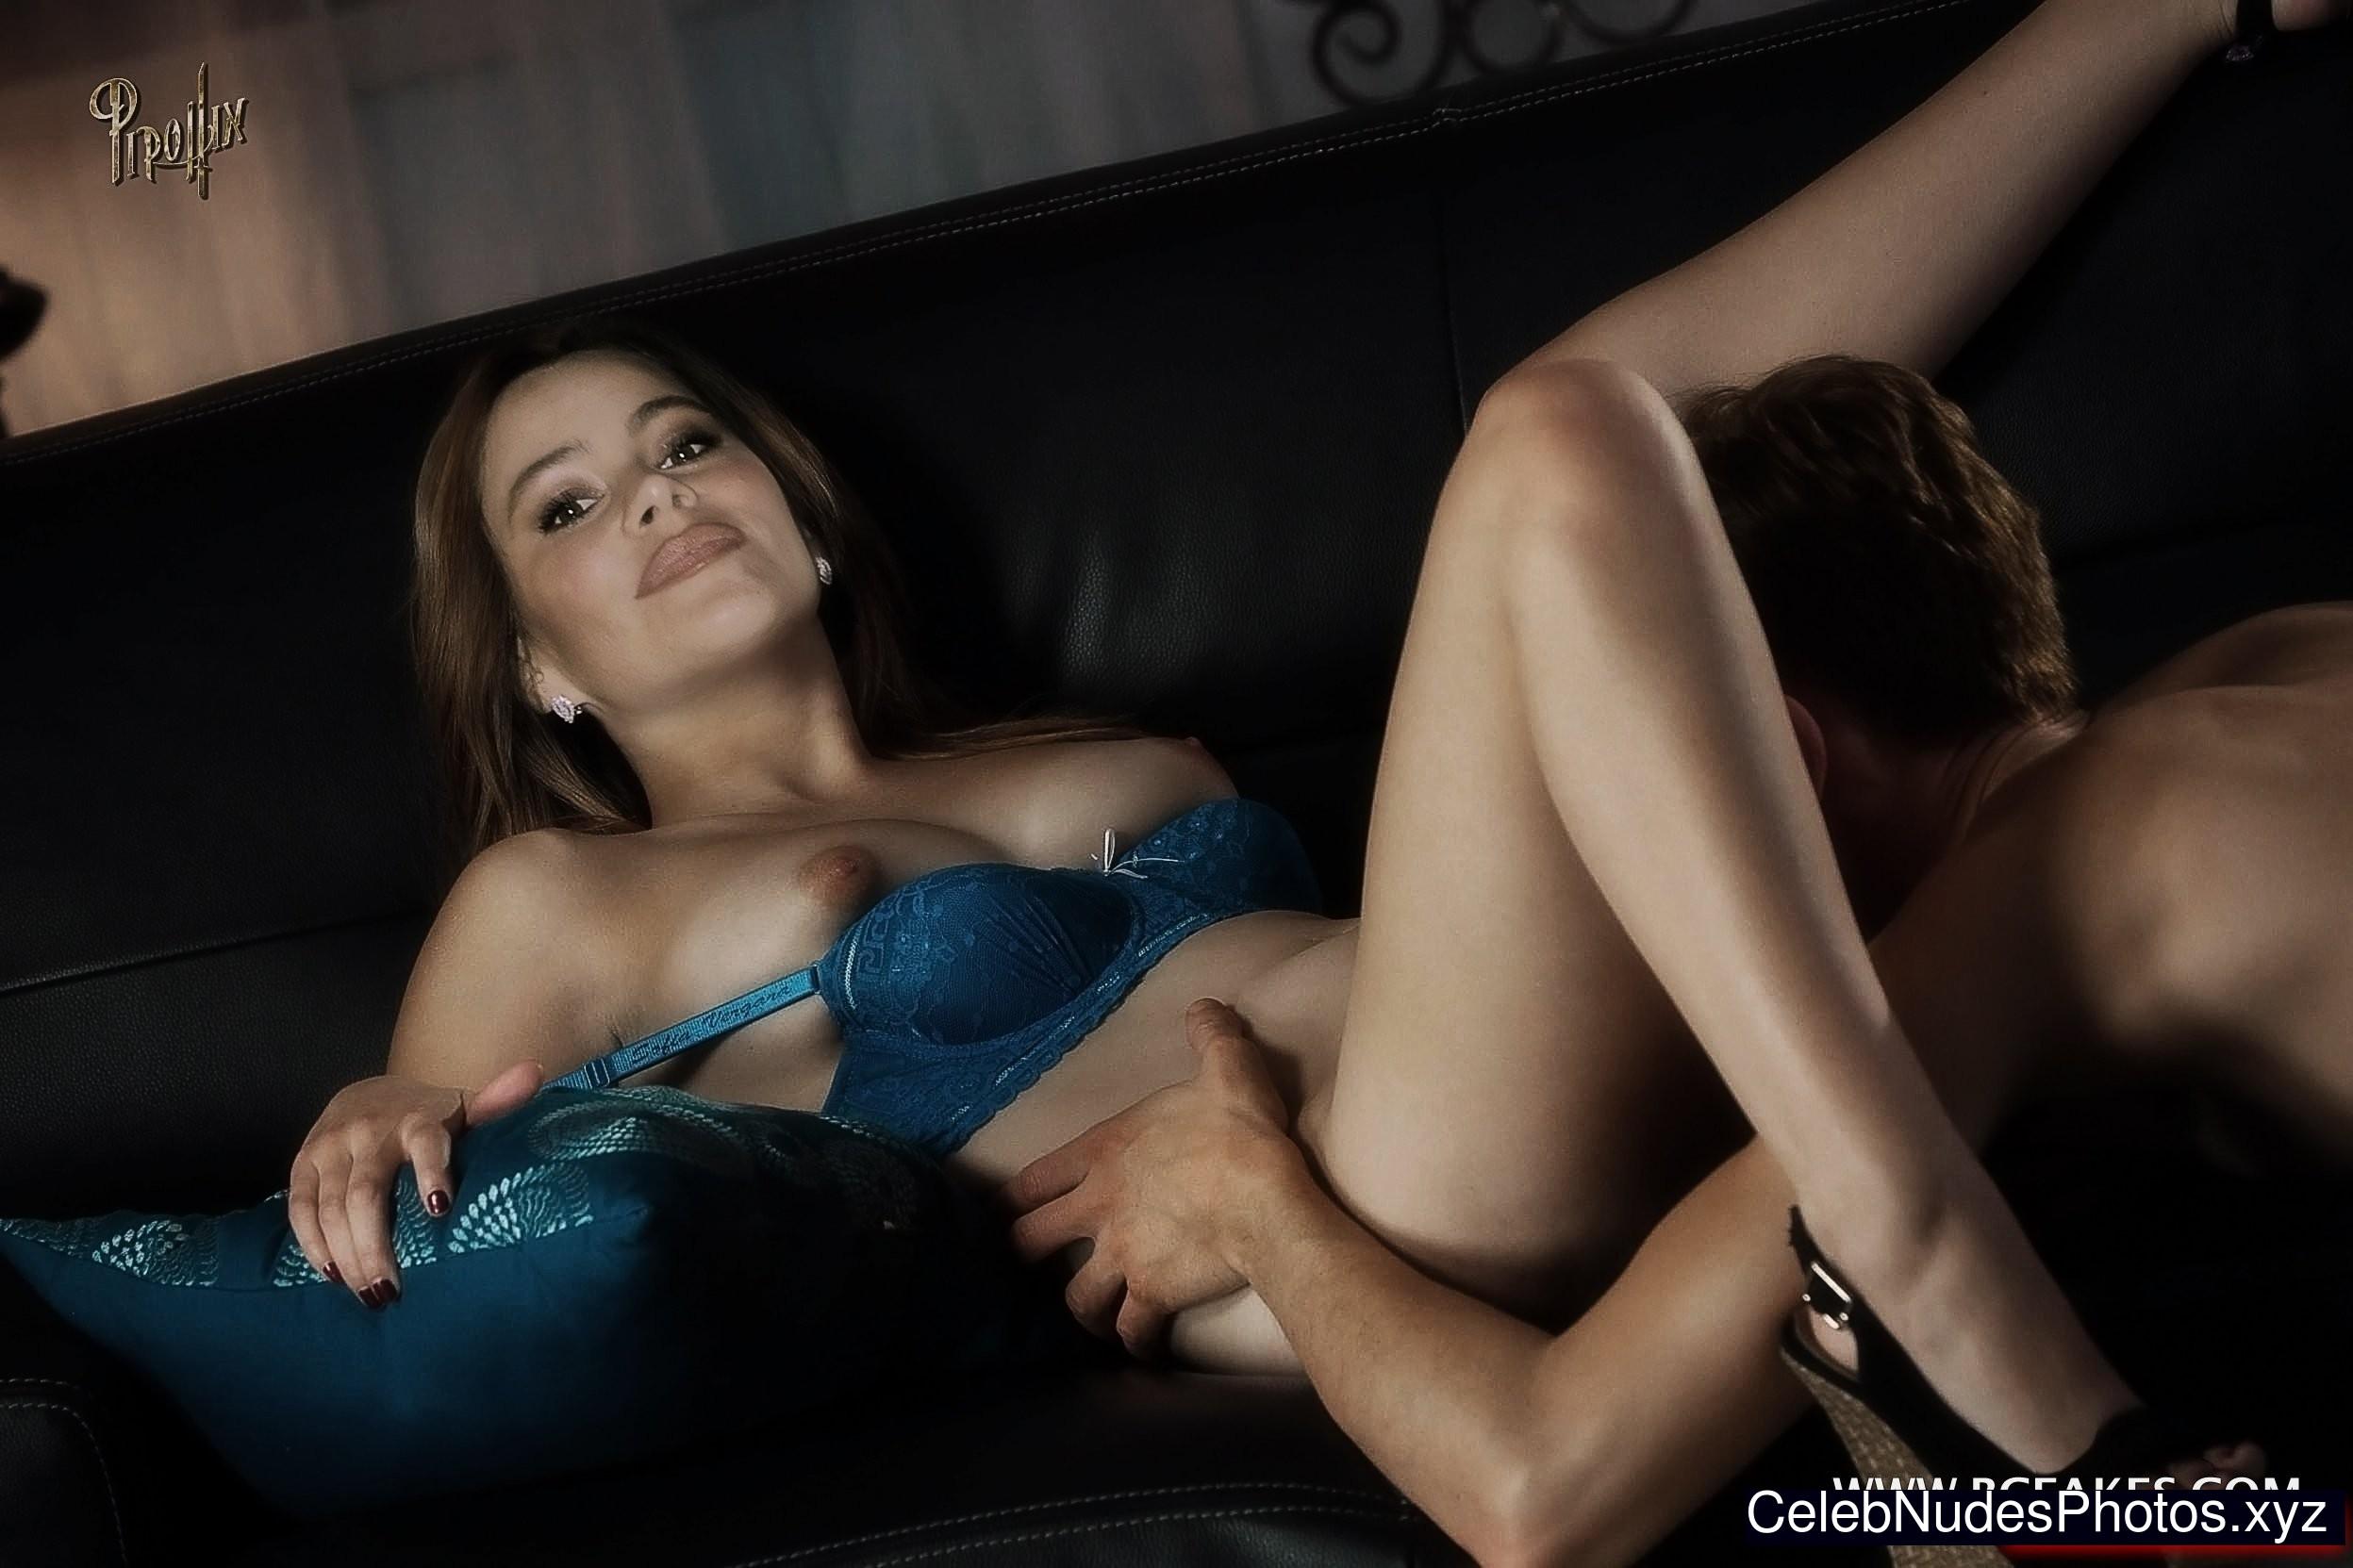 sofia vergara nude pictures